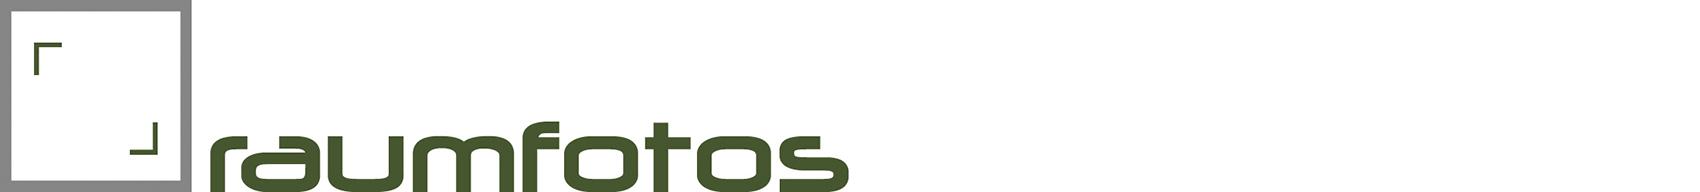 raumfotos_logo_1700-2